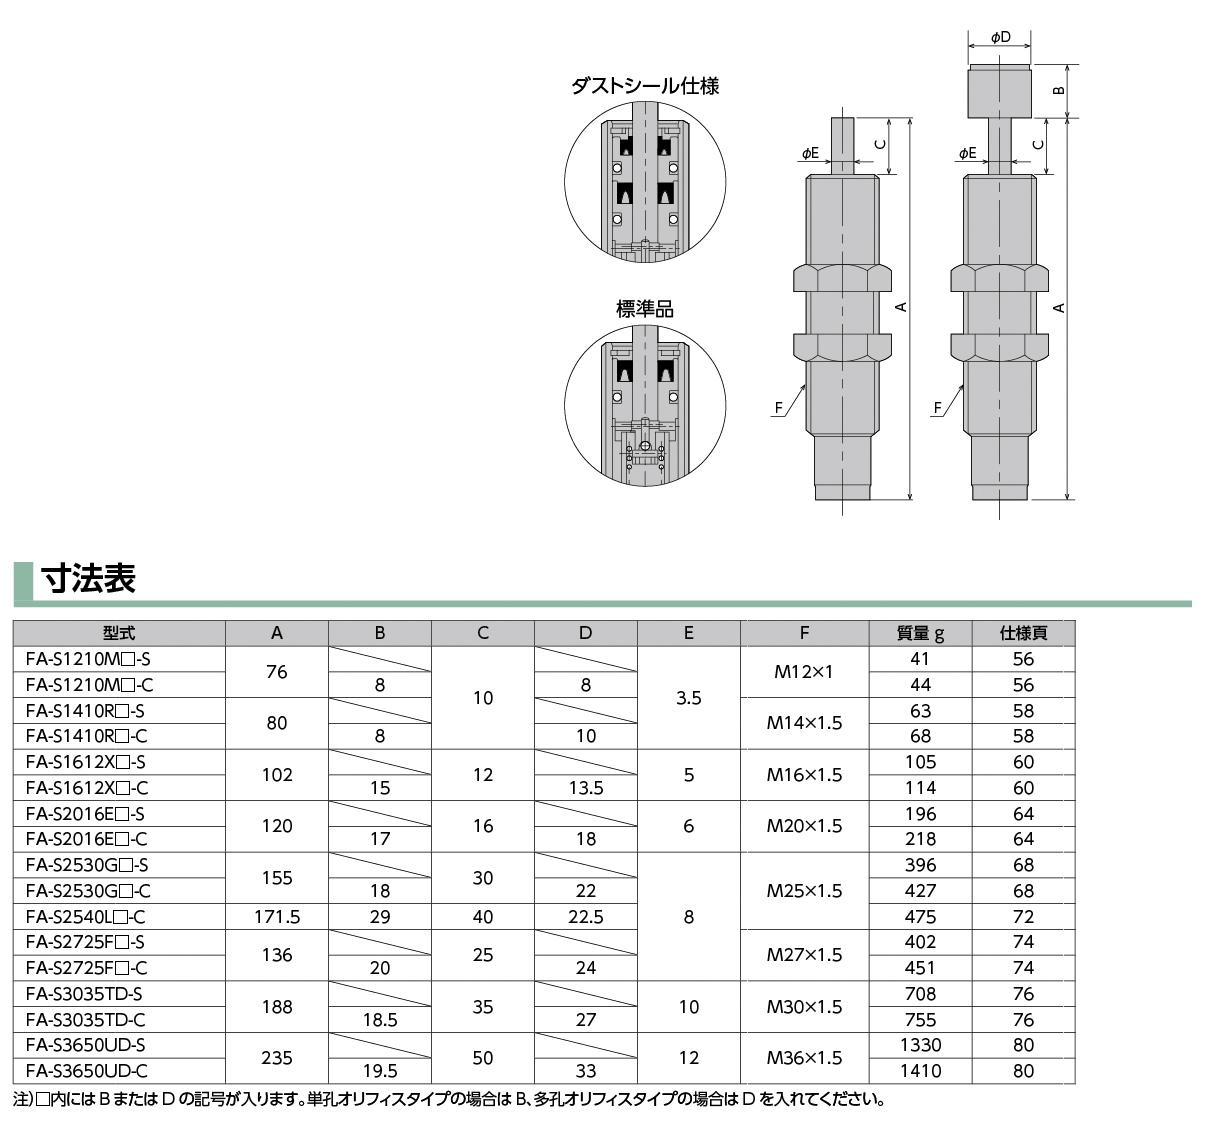 FA-S1210MB-*(ダストシール仕様)